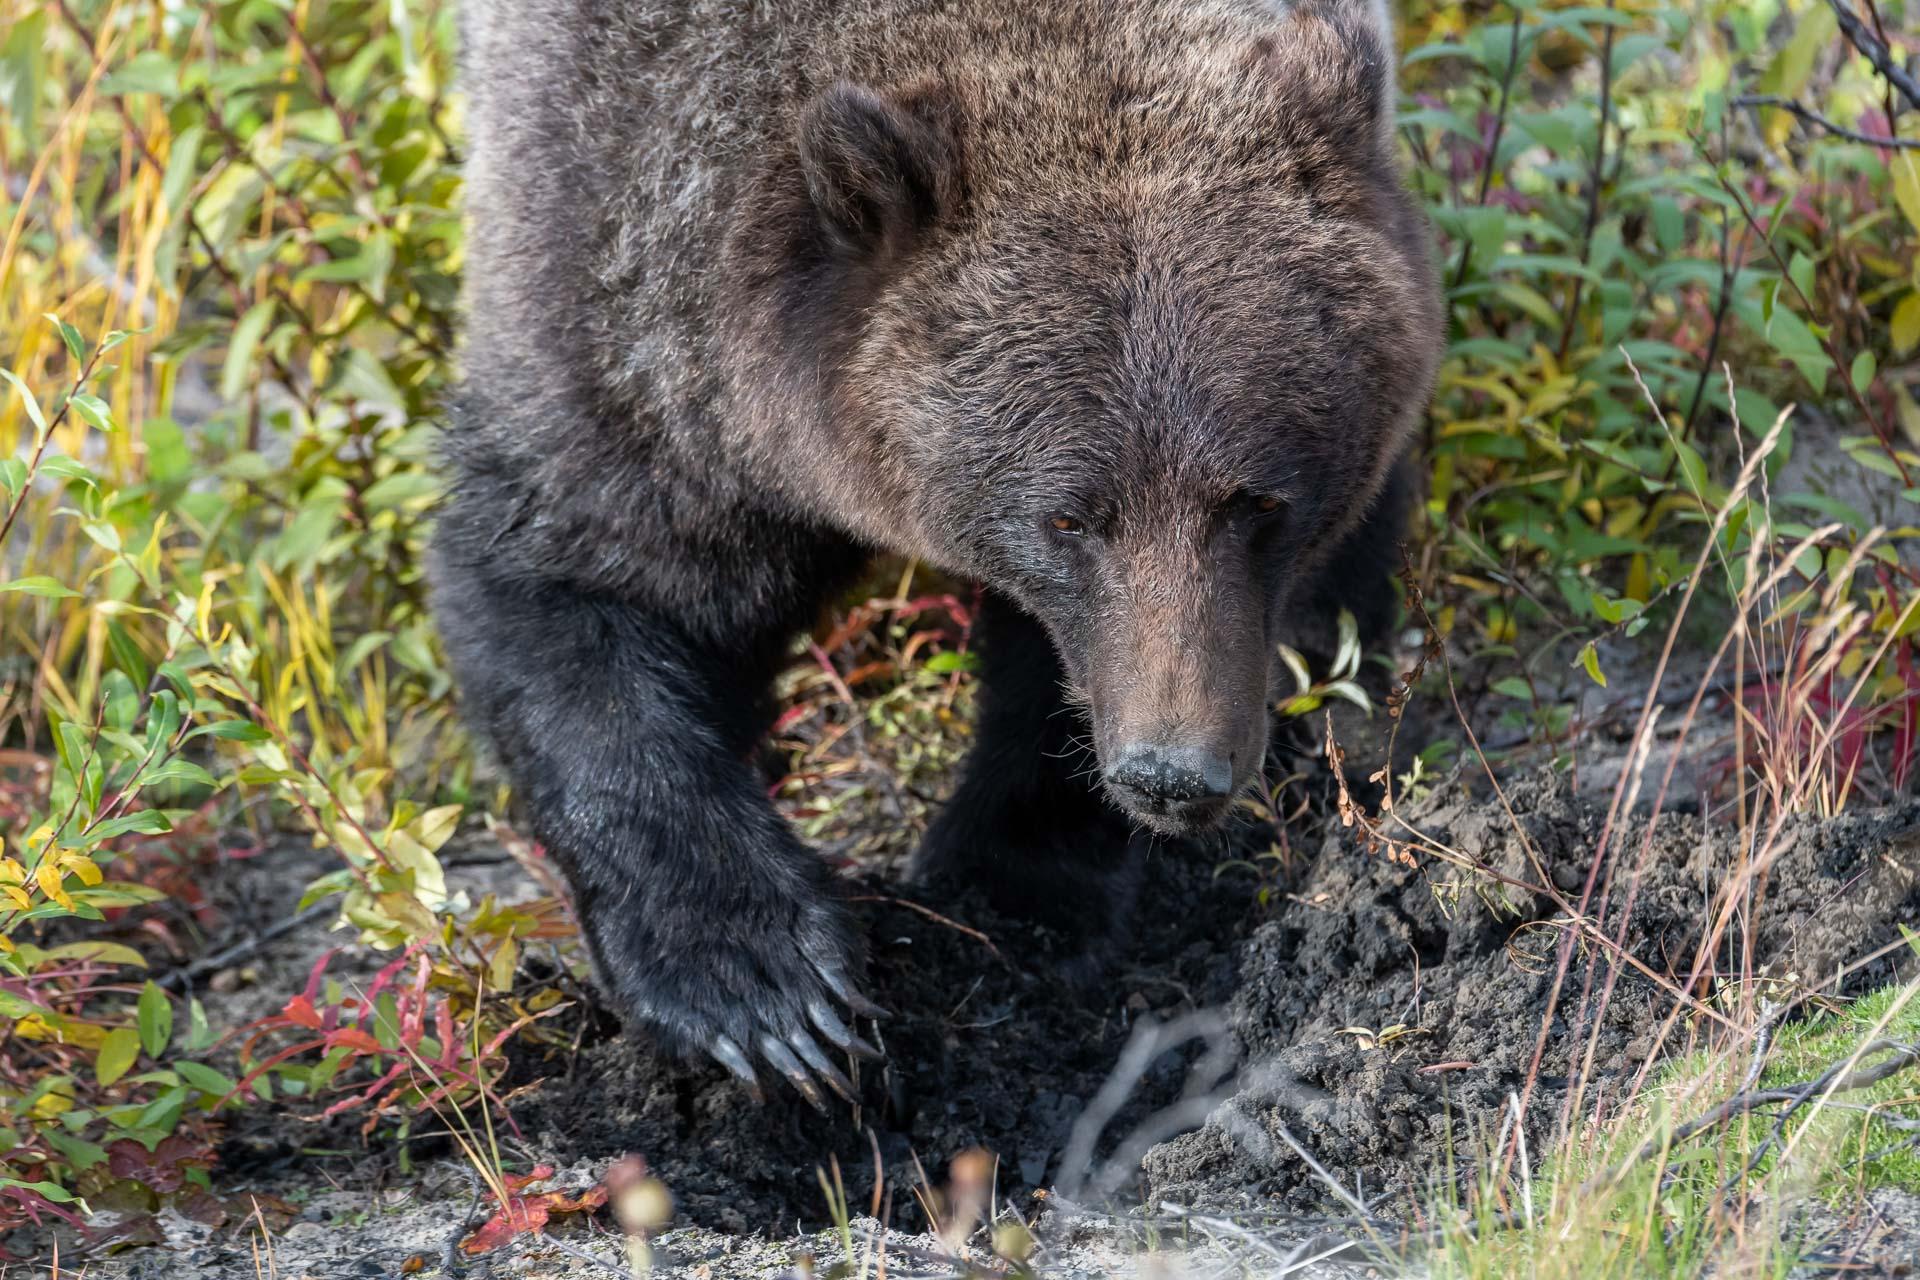 Grizzly Bär [Ursus arctos] gräbt nach Wurzeln